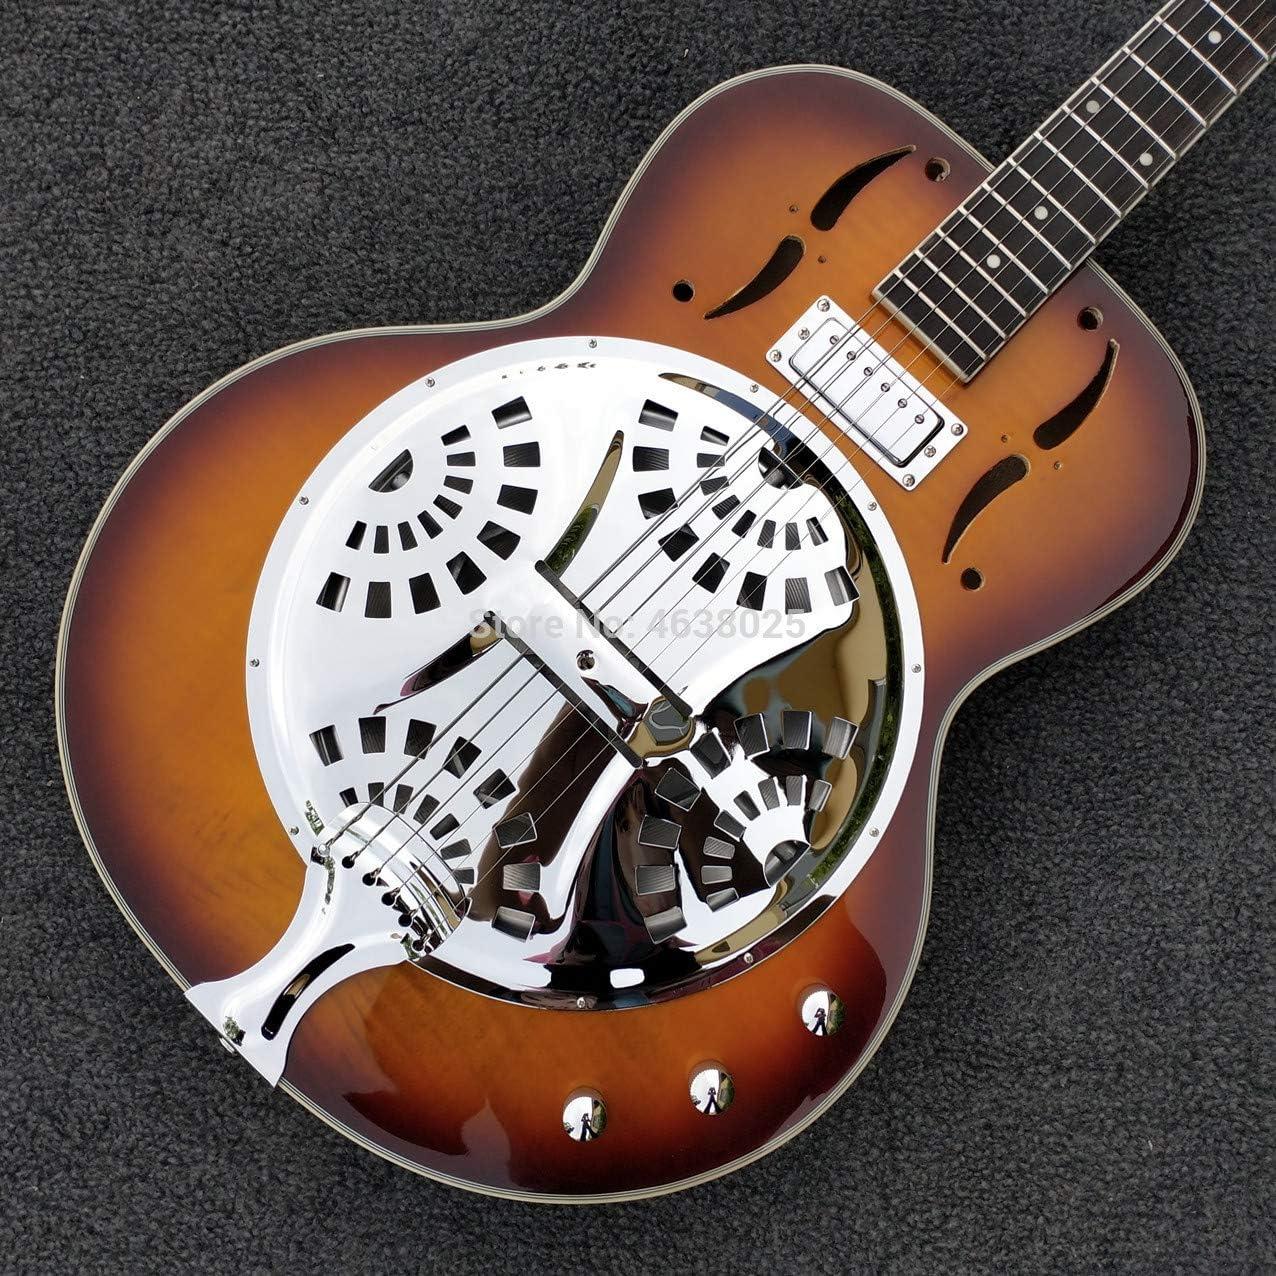 Sunburst Dobro - Guitarra eléctrica de acero con resonador ...